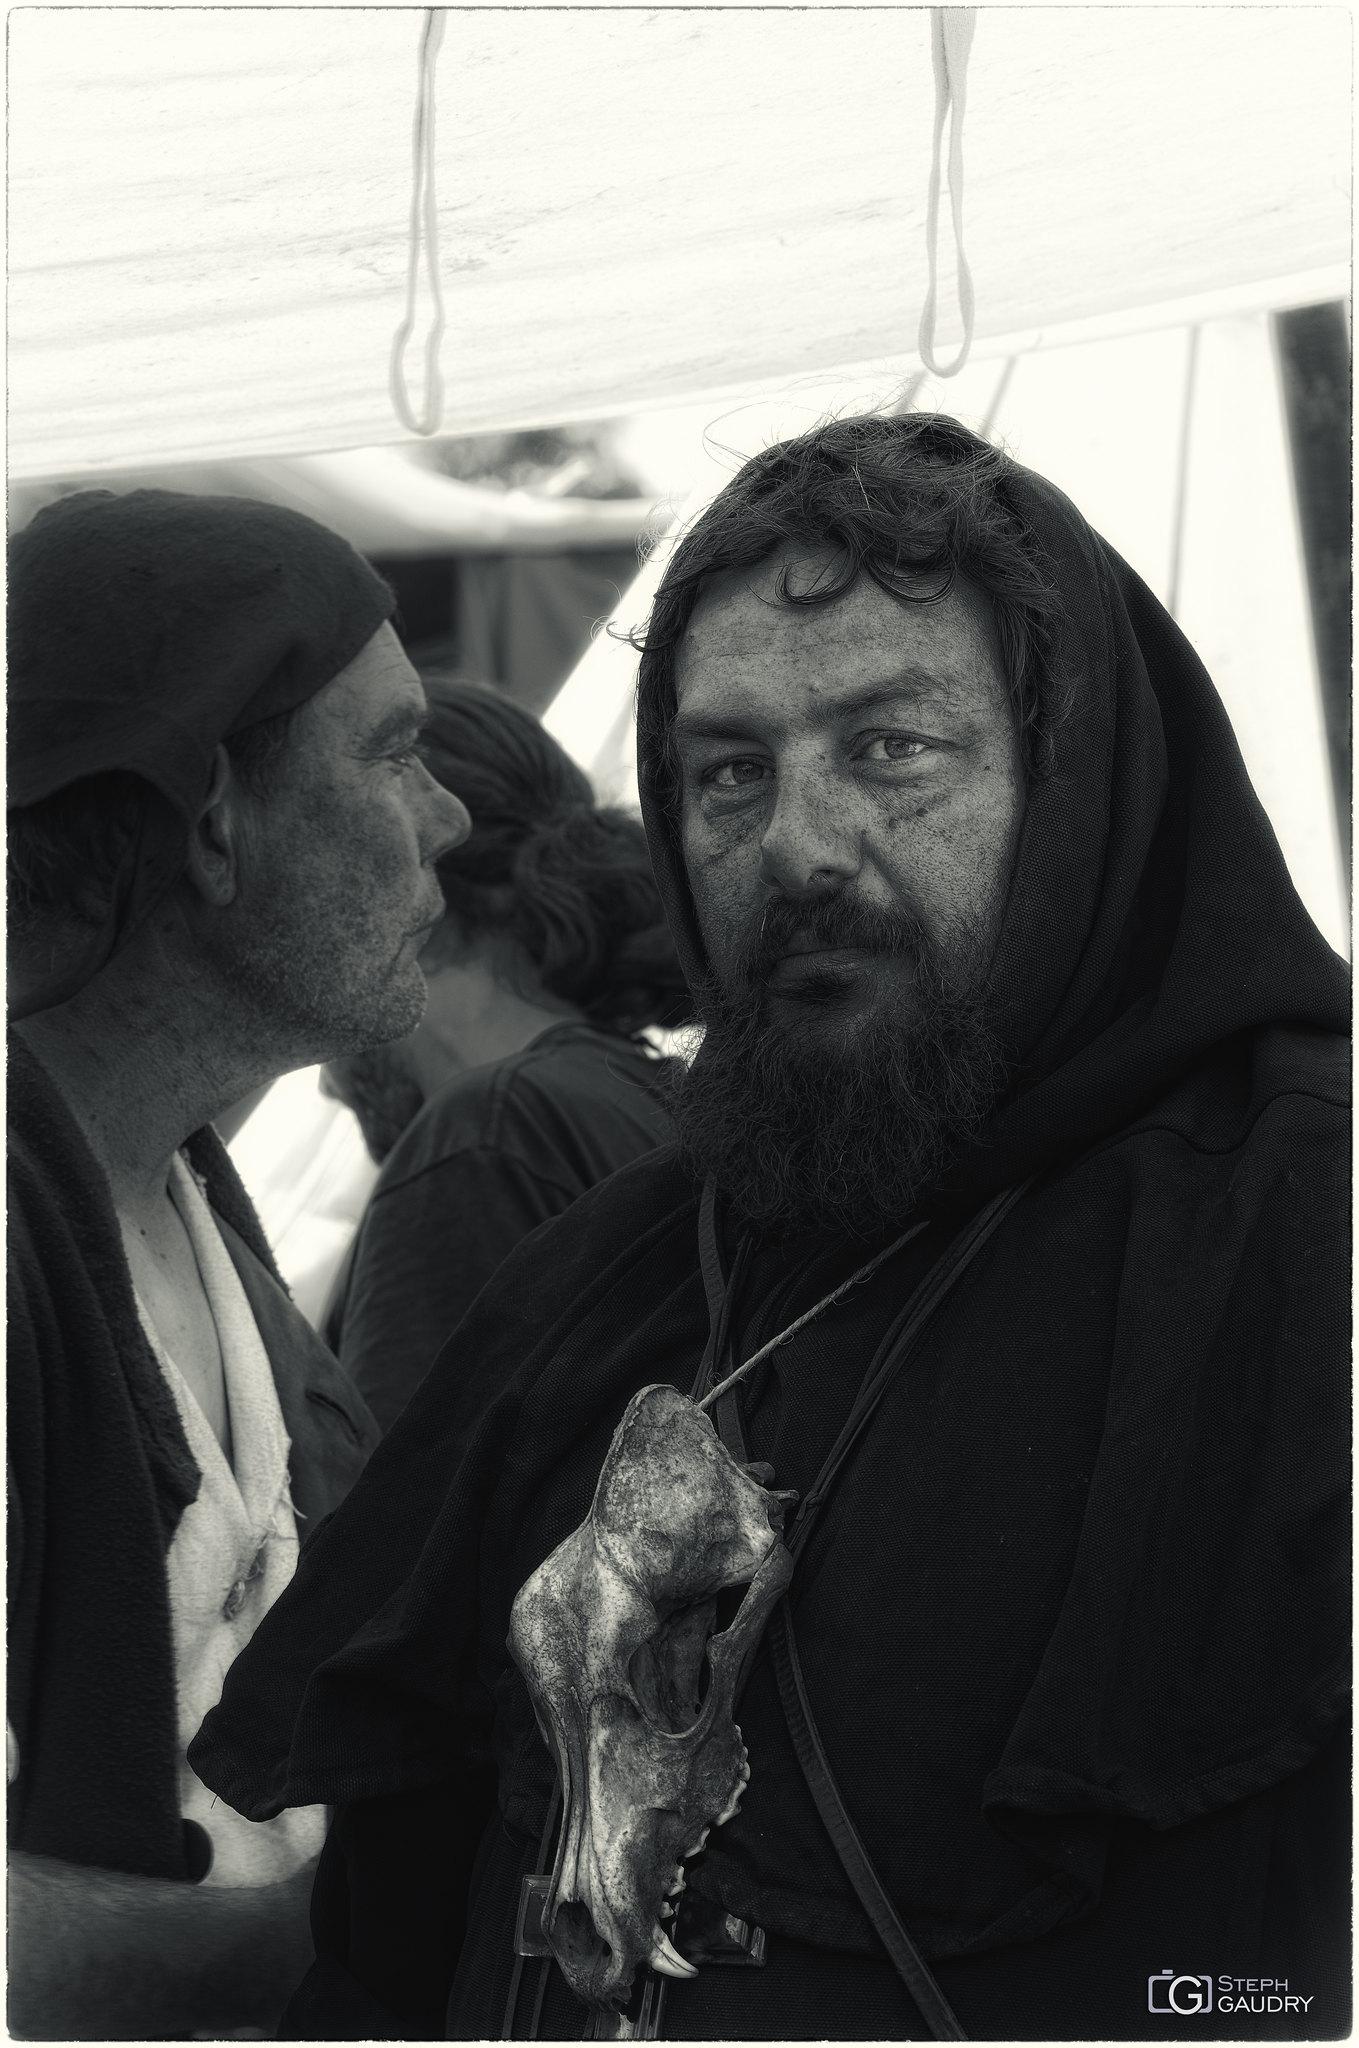 Le nécromancien [Click to start slideshow]